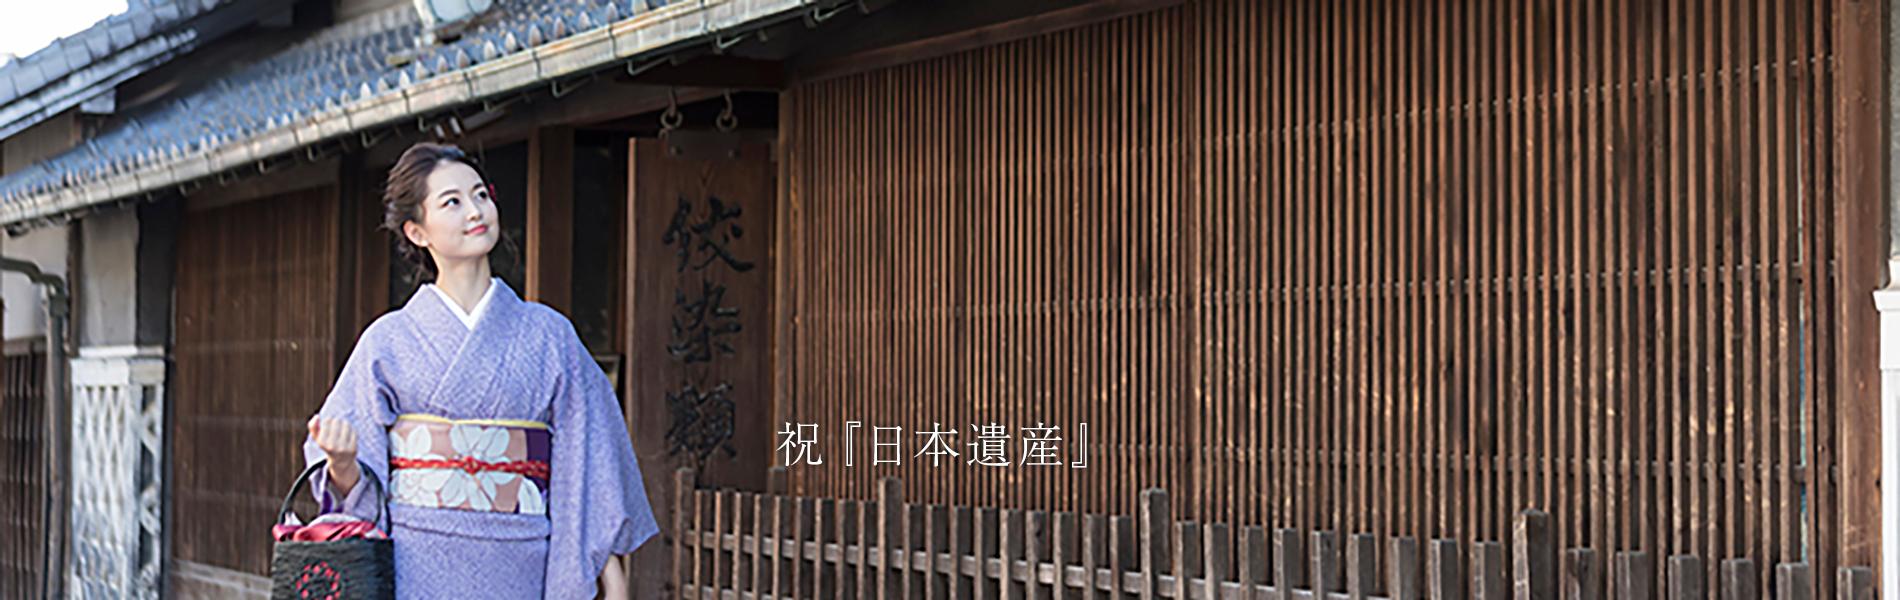 コンソーシアム有松は、染織文化の理念と成果を継承し、歴史文化の息づくまちづくりを通して地域創生」めざします。